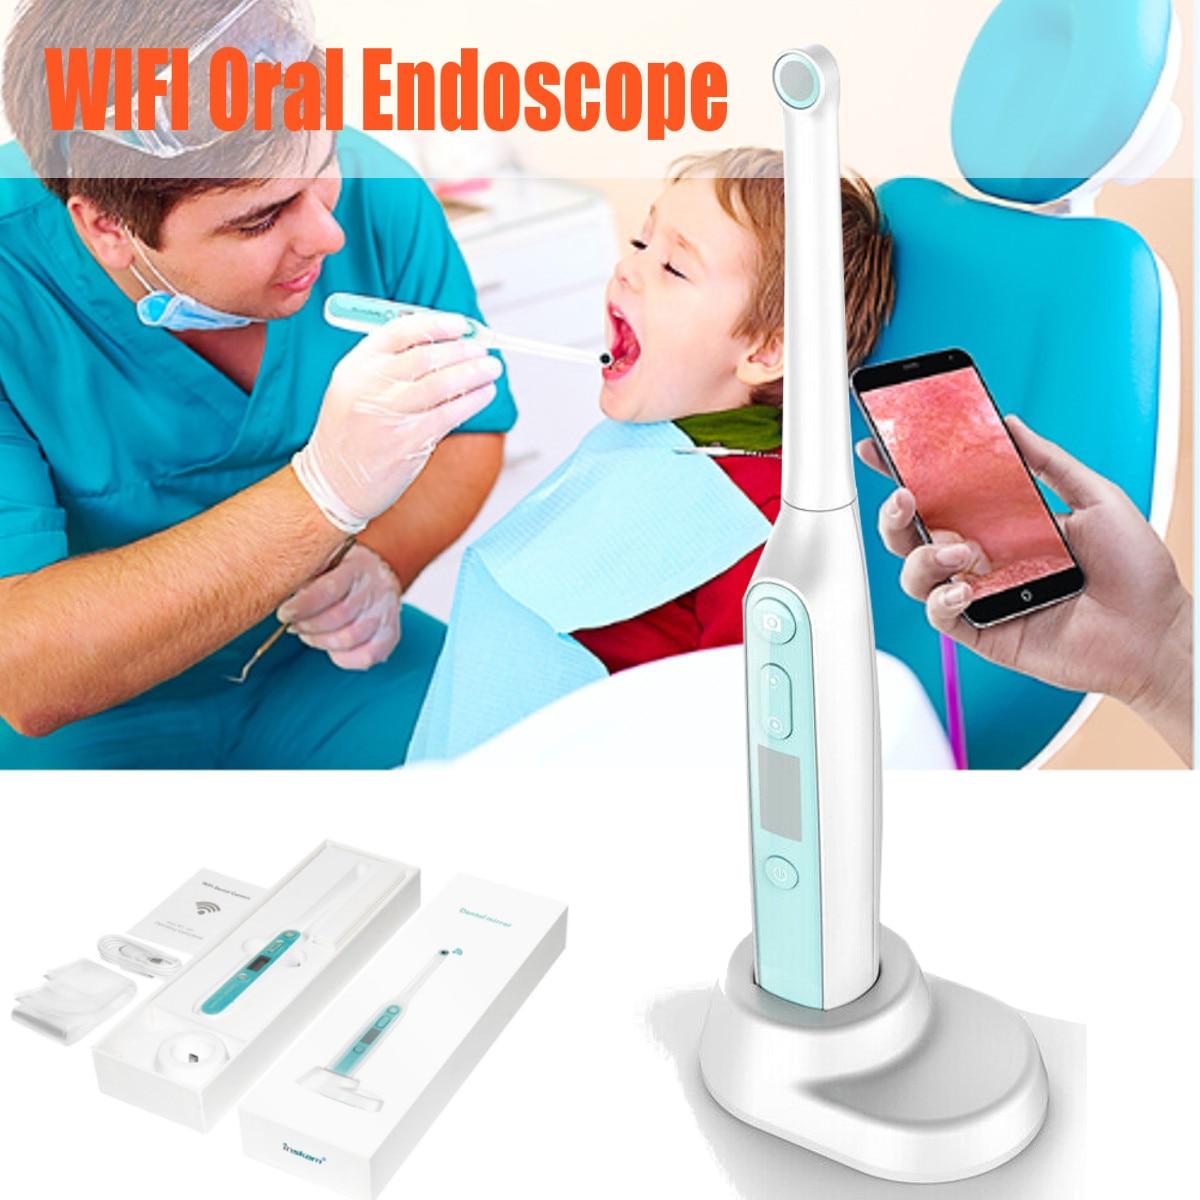 Caméra dentaire sans fil WiFi Endoscope intra-oral HD avec 8 lumières Led Inspection pour dentiste Oral outils dentaires vidéo en temps réel